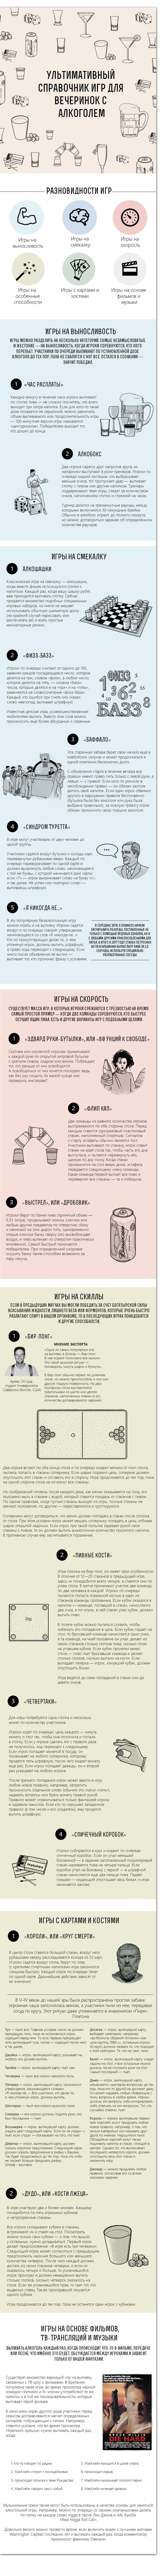 Ультимативный справочник игр для вечеринок с алкоголем